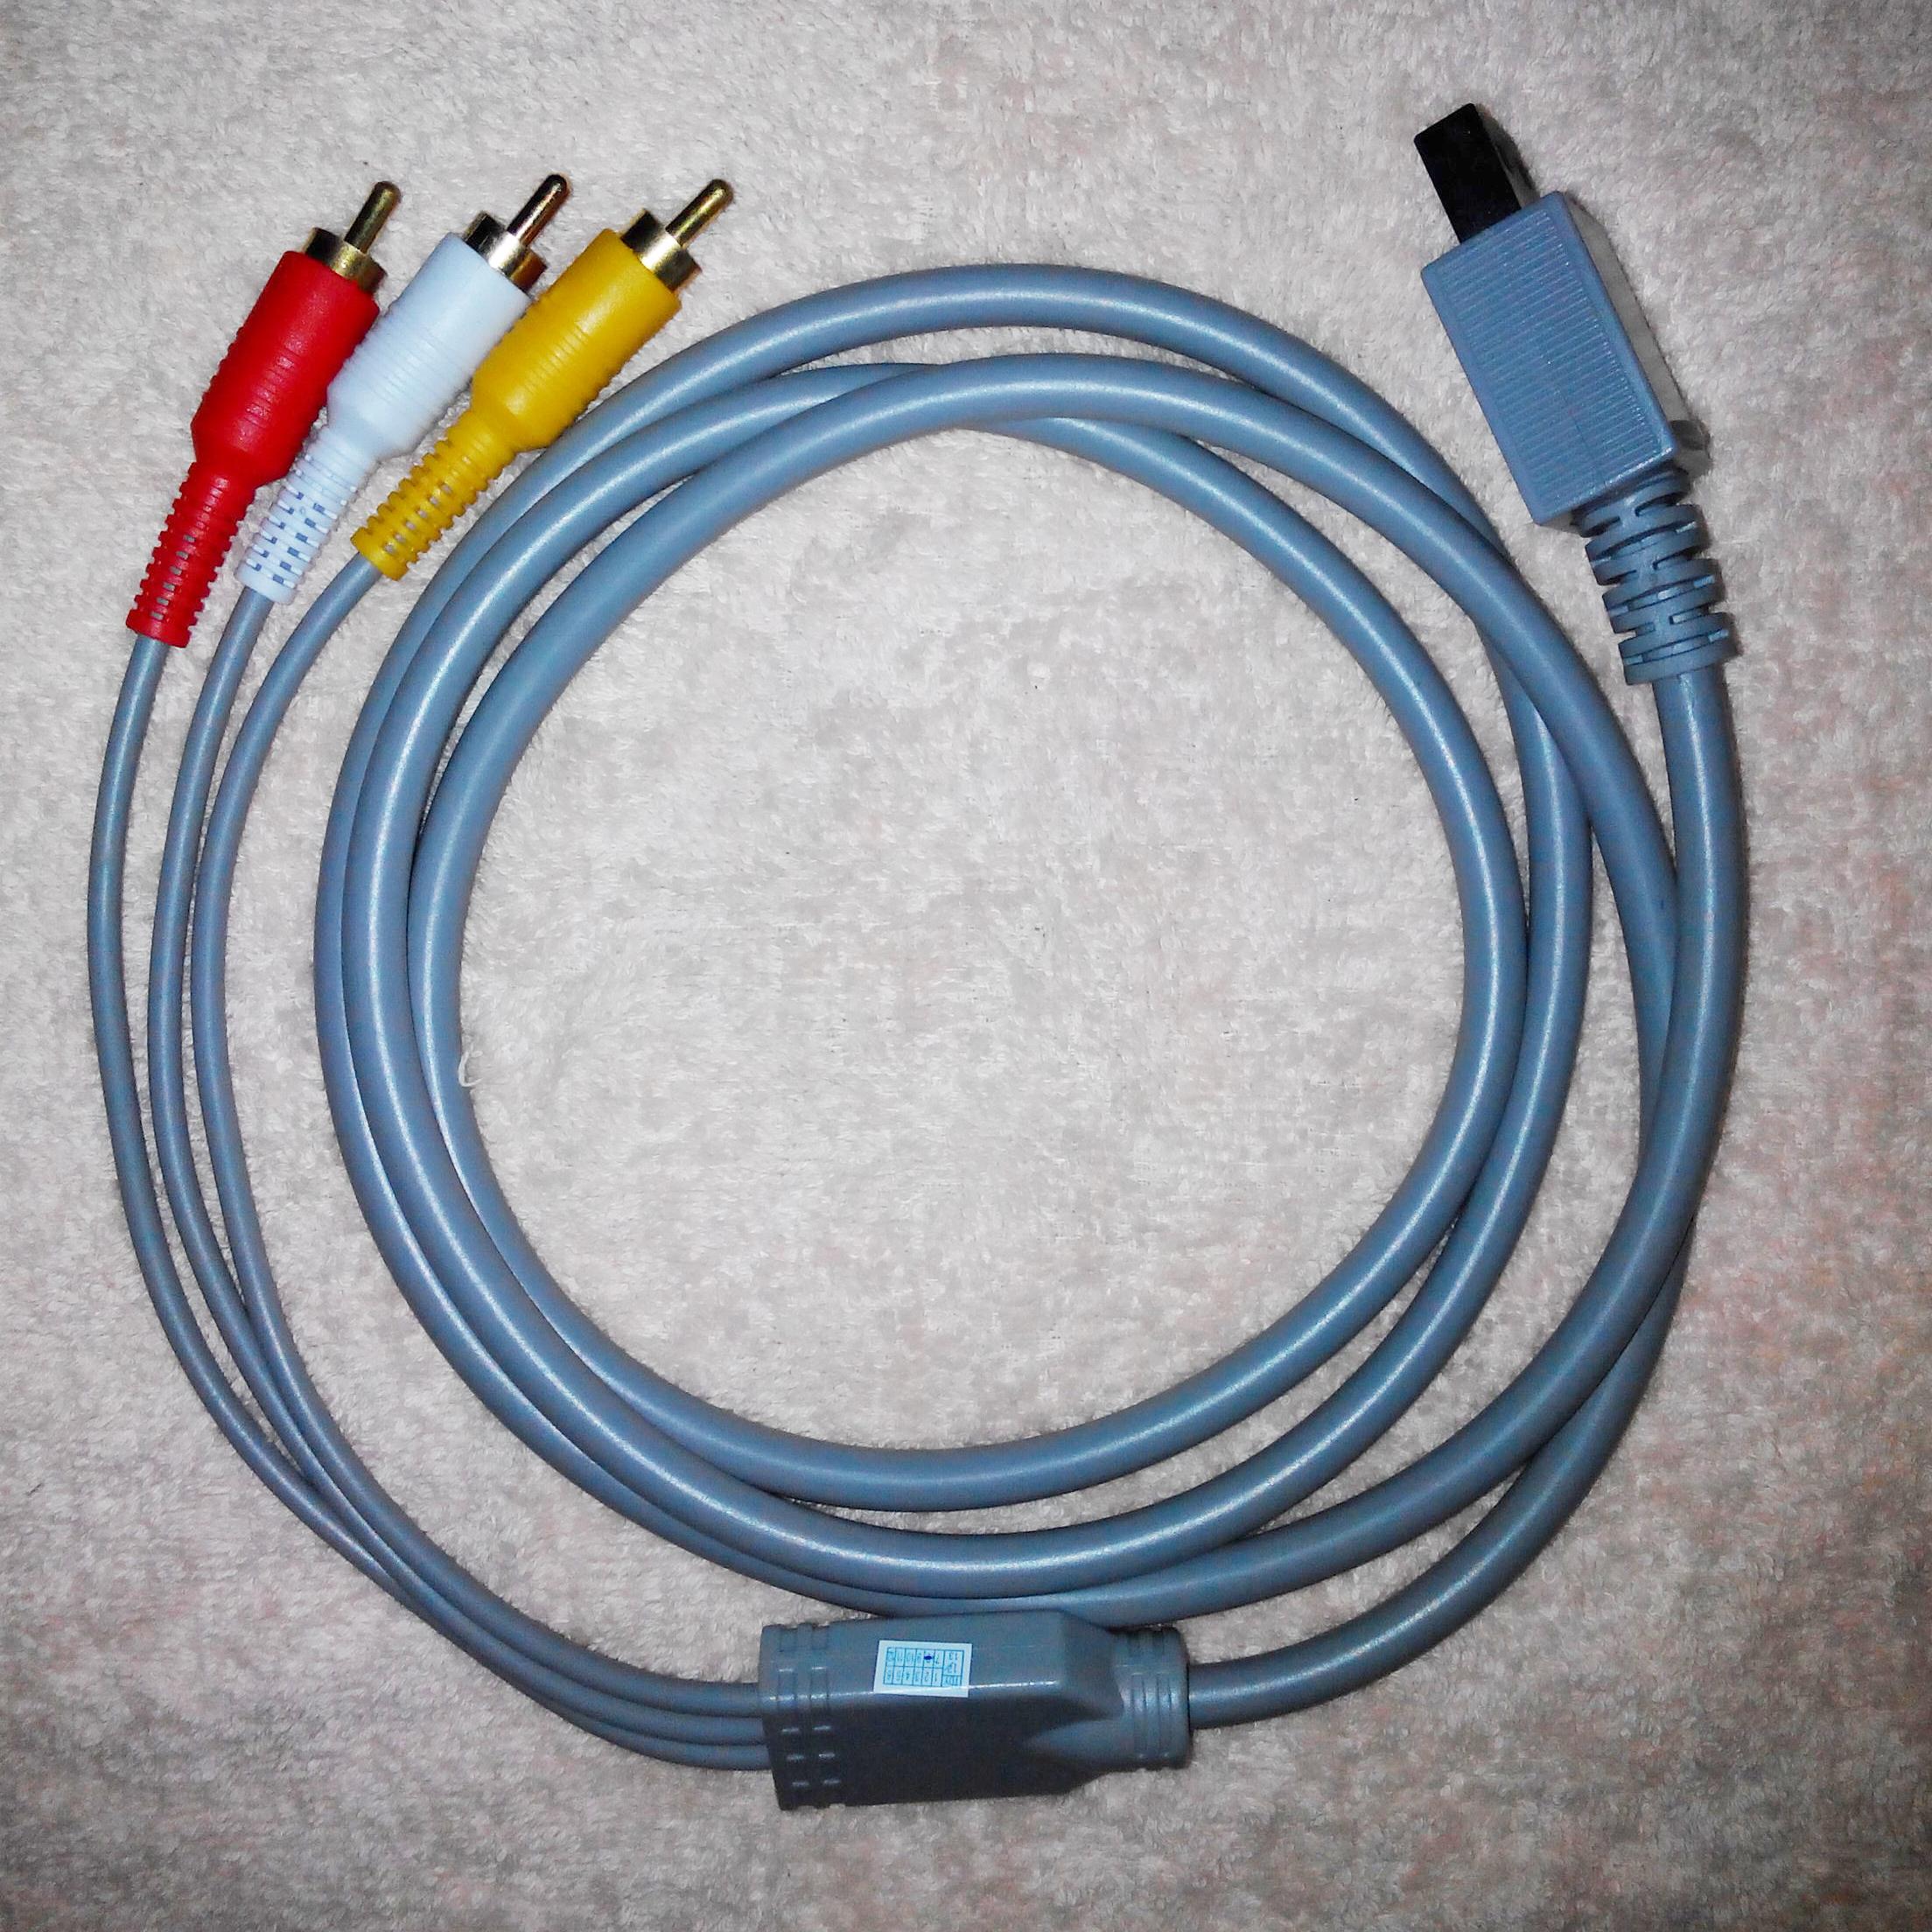 Máy chủ bảng điều khiển trò chơi Nintendo Wii somatosensory và video kết nối TV Cáp AV - WII / WIIU kết hợp